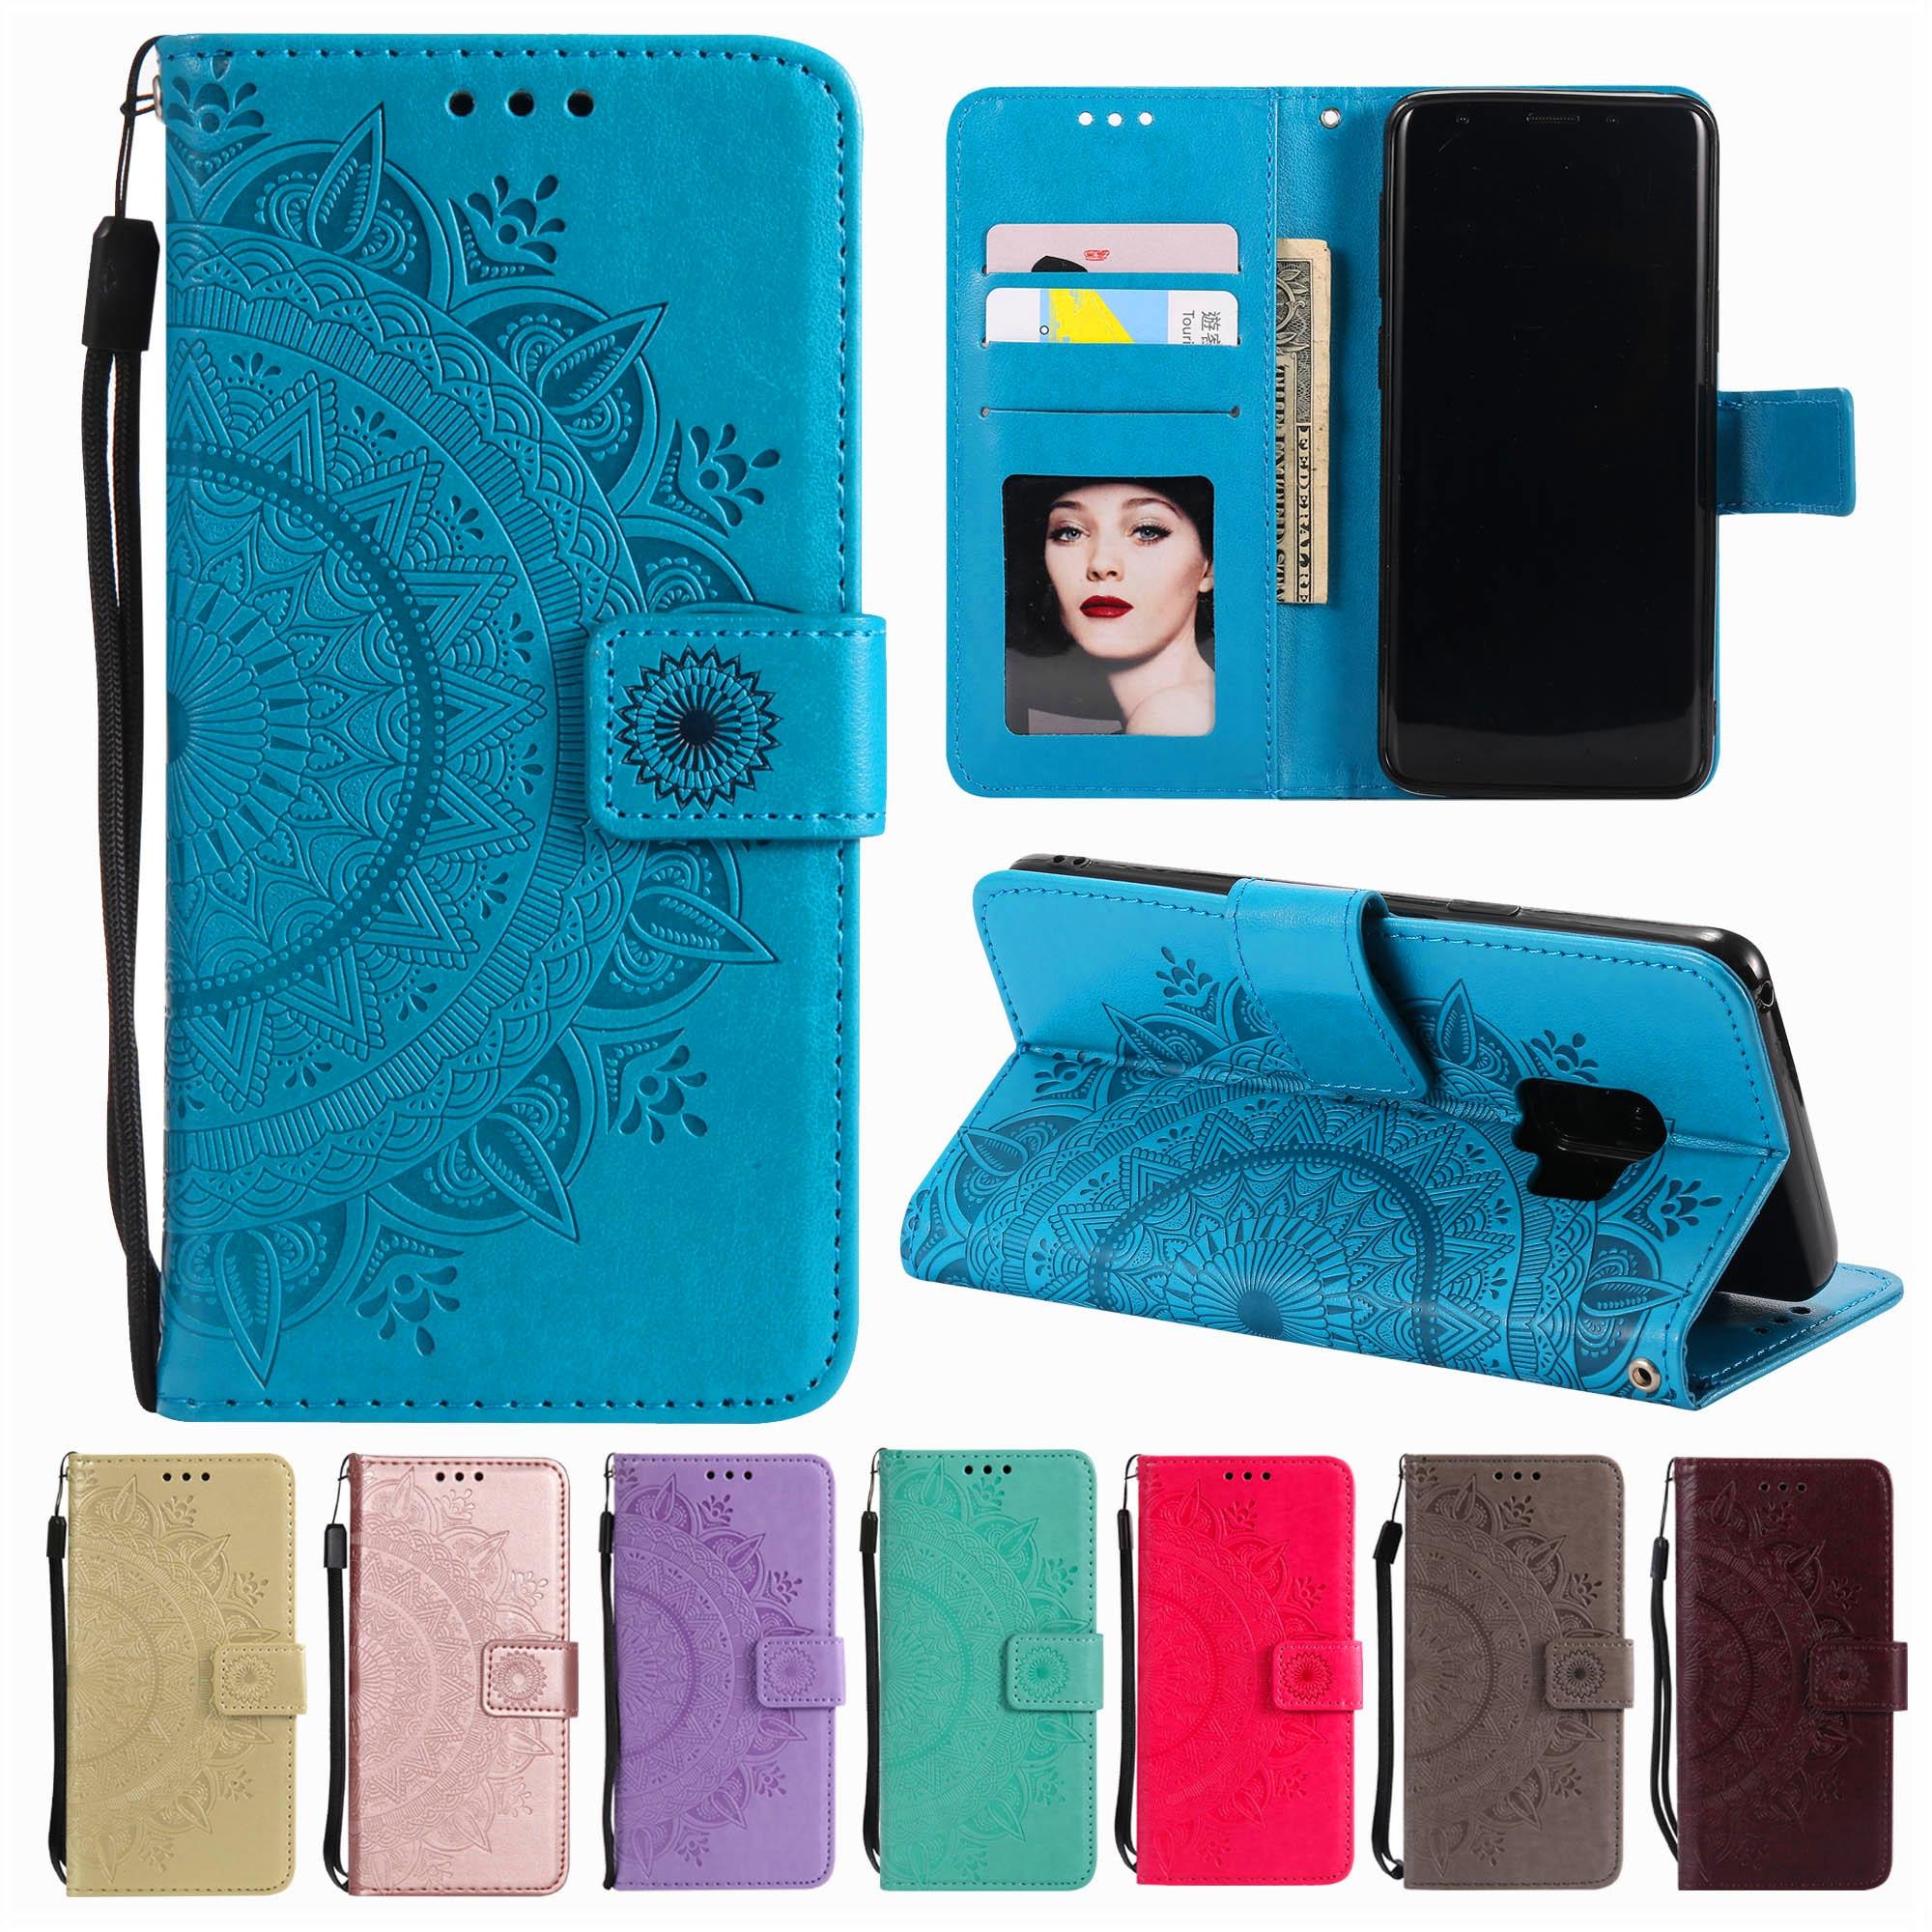 Кожаный флип чехол с изображением цветов мандалы для Huawei P8 P9 Lite 2017 P10 P20 Lite 2019 P30 P40 Pro P Smart 2020 чехол кошелек с отделениями для карт|Чехлы-портмоне|   | АлиЭкспресс